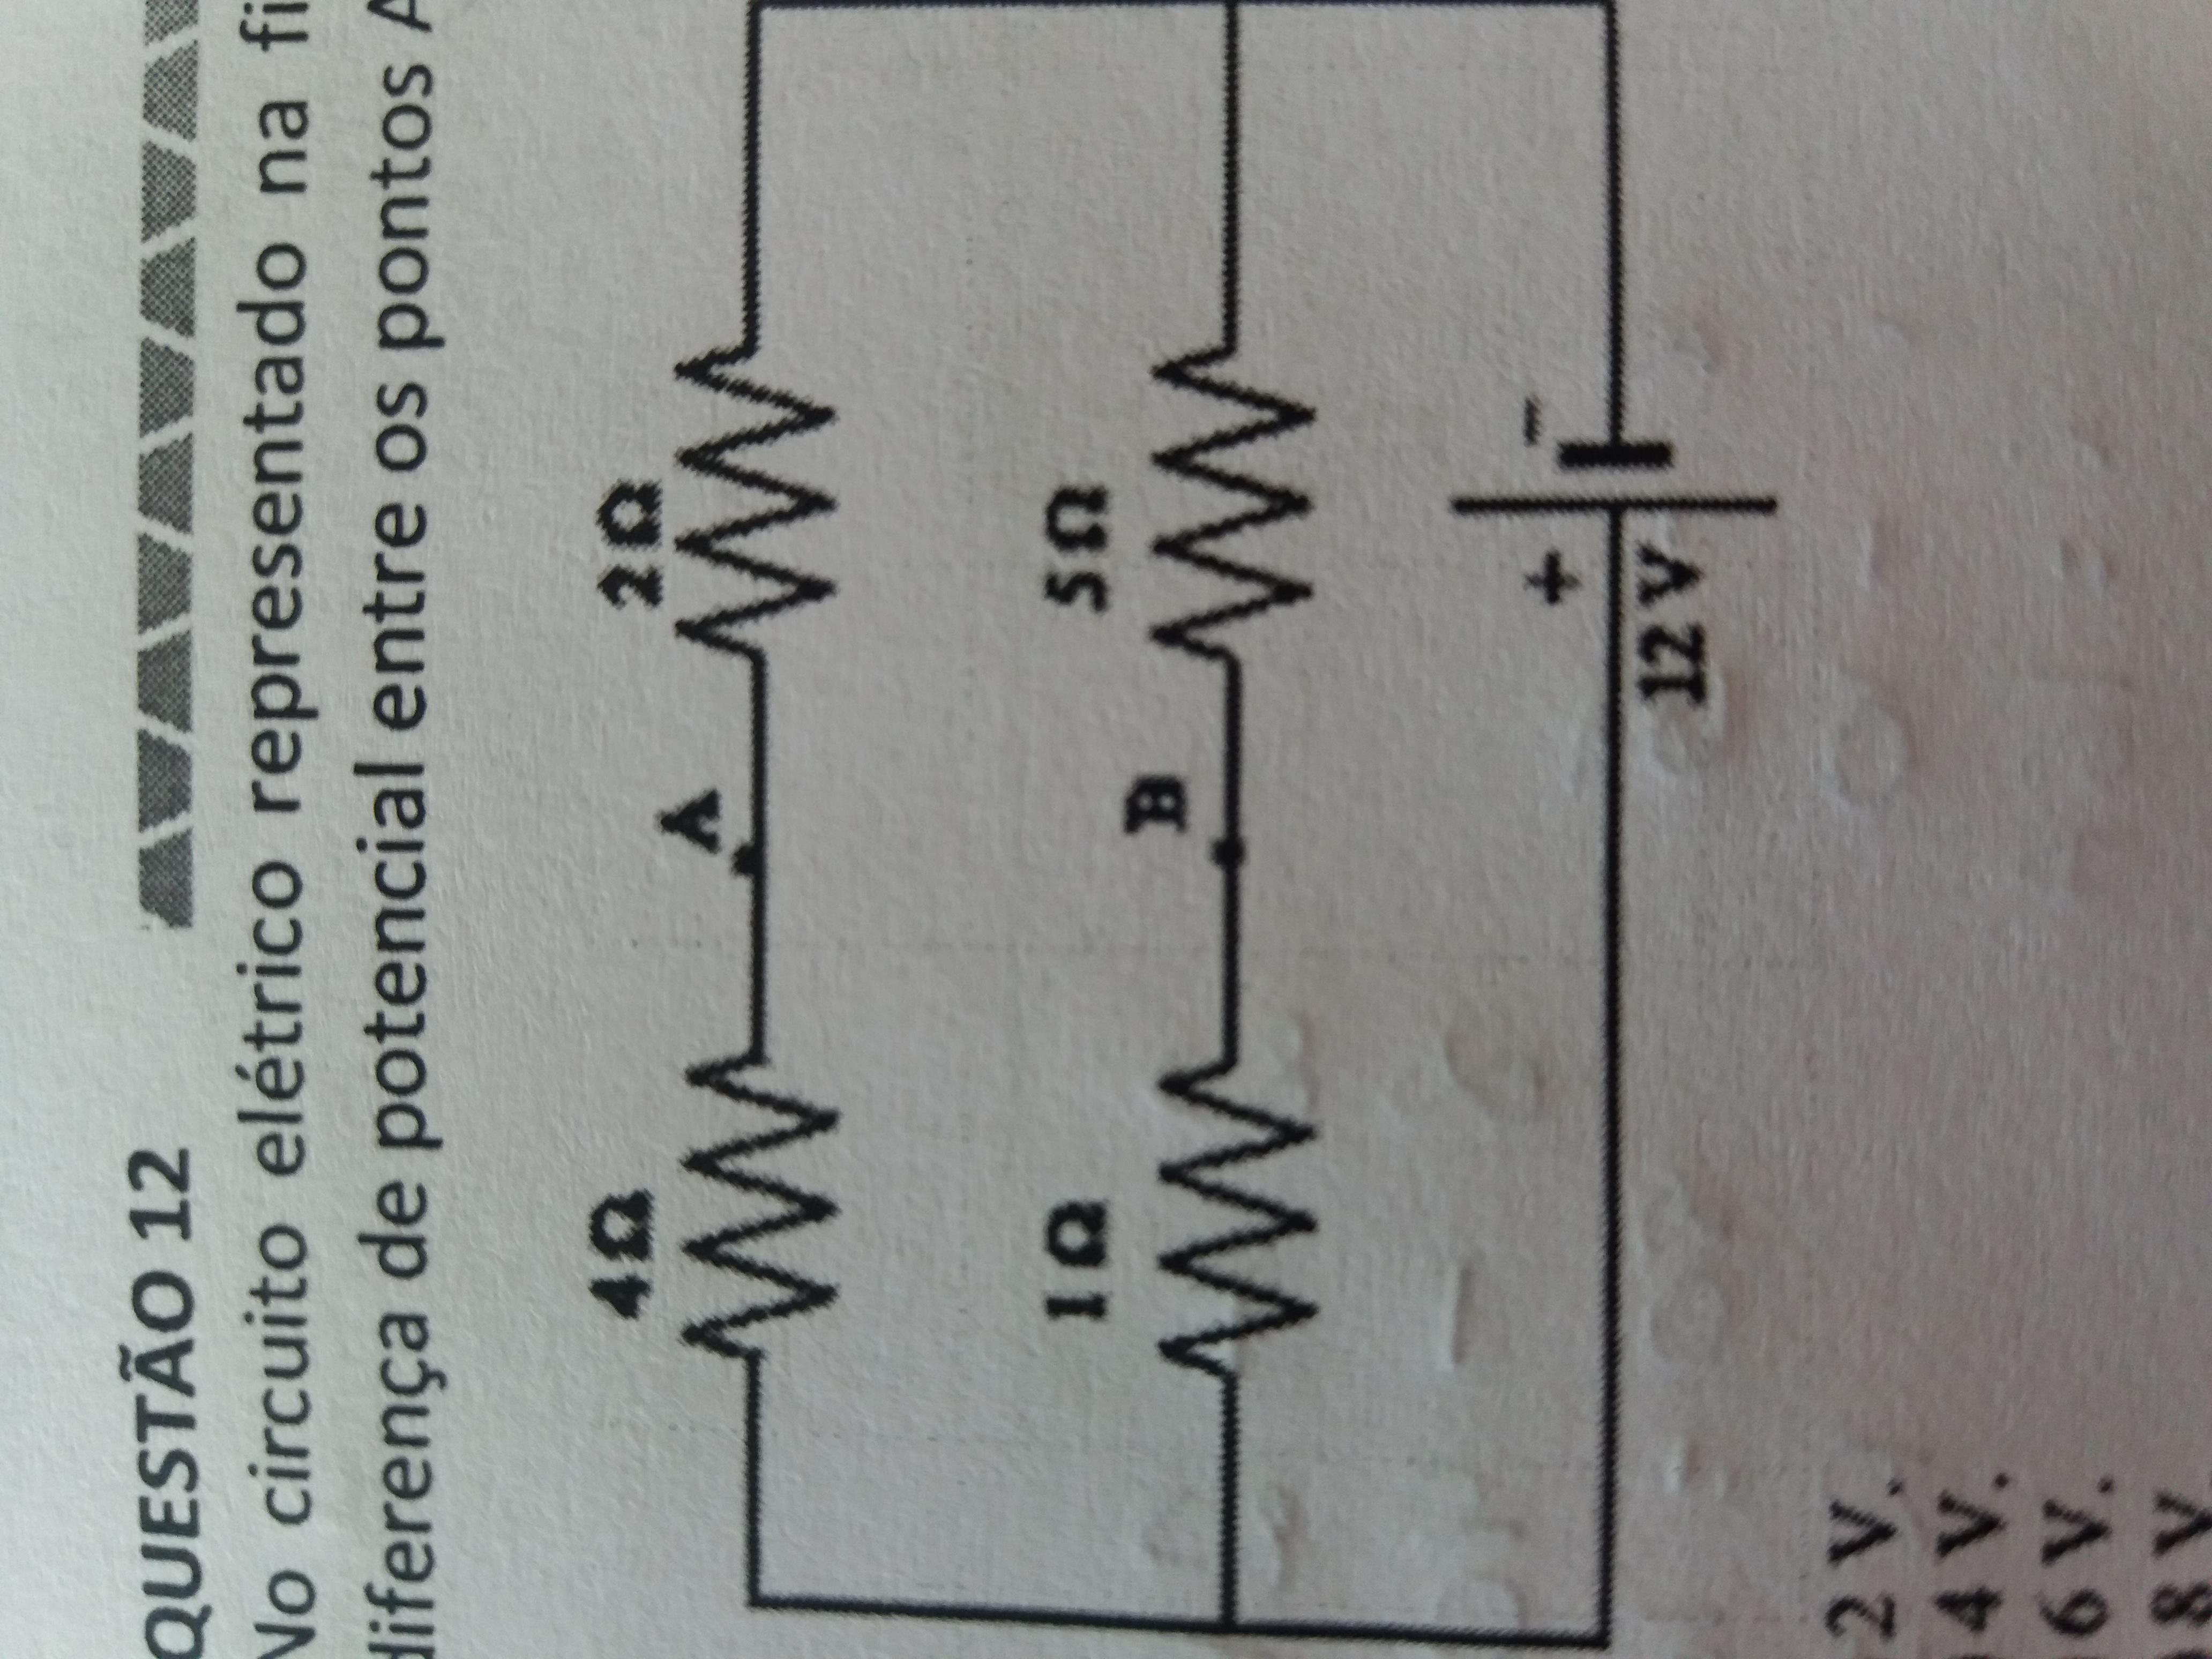 Circuito Eletrico : No circuito elétrico representado na figura o módulo da diferença